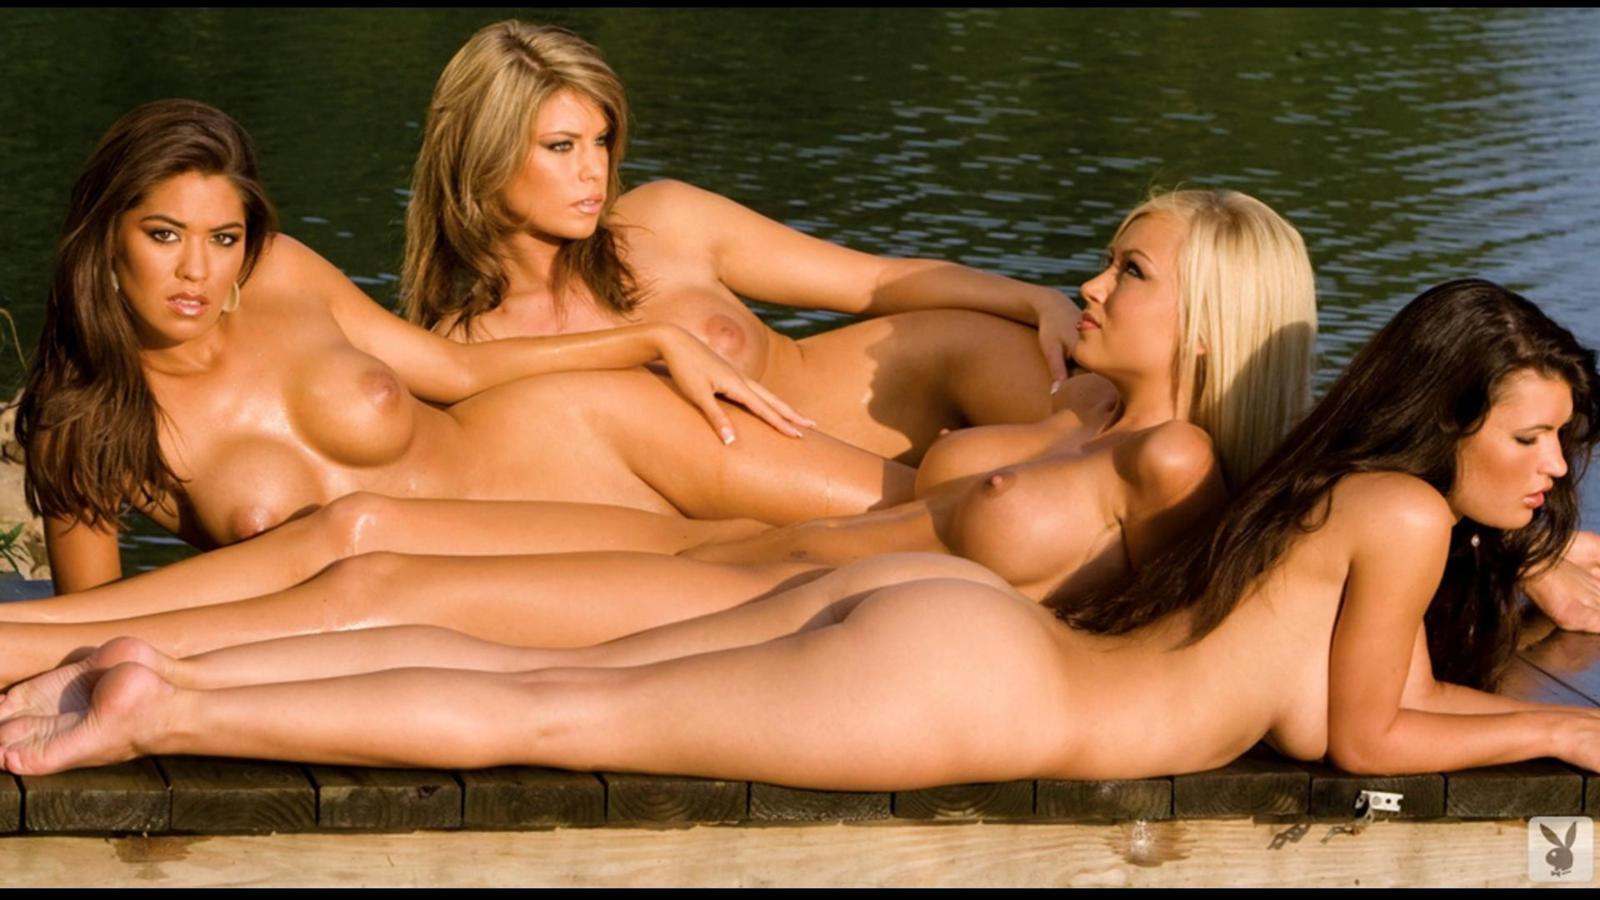 jenna elfman nude fakes